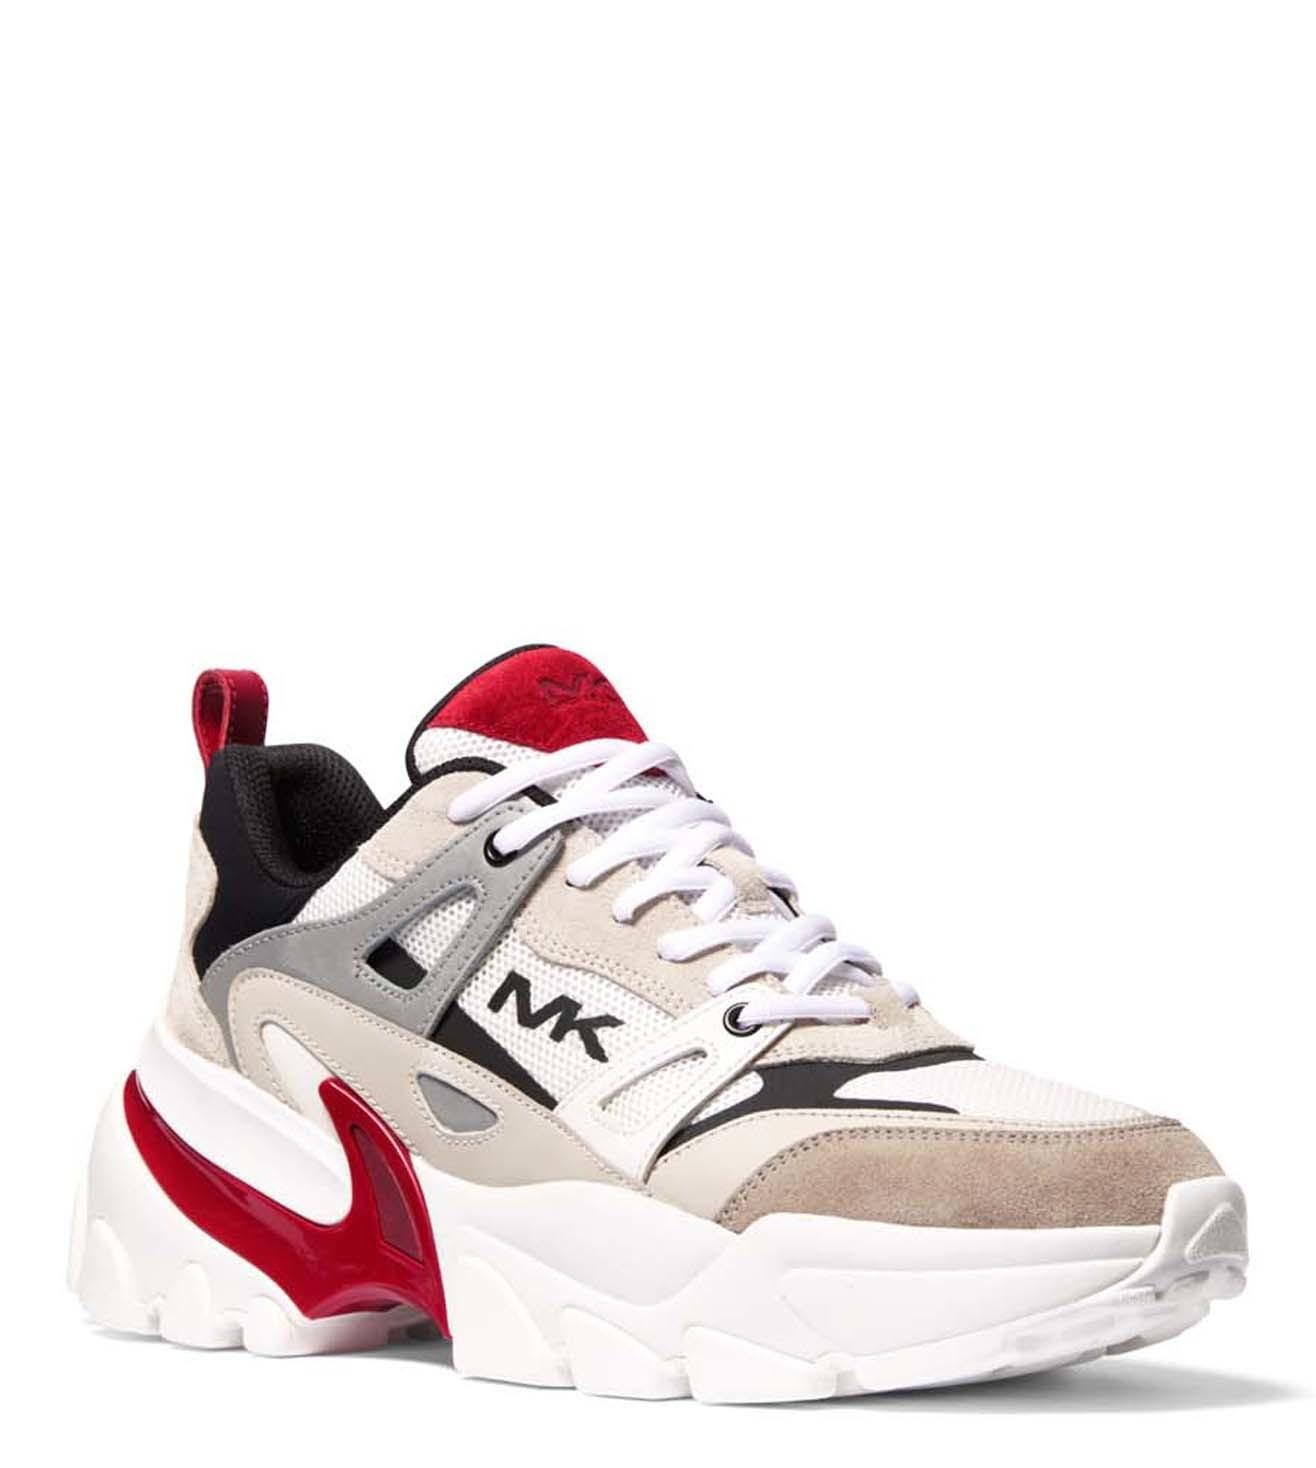 michael kors mens sneakers